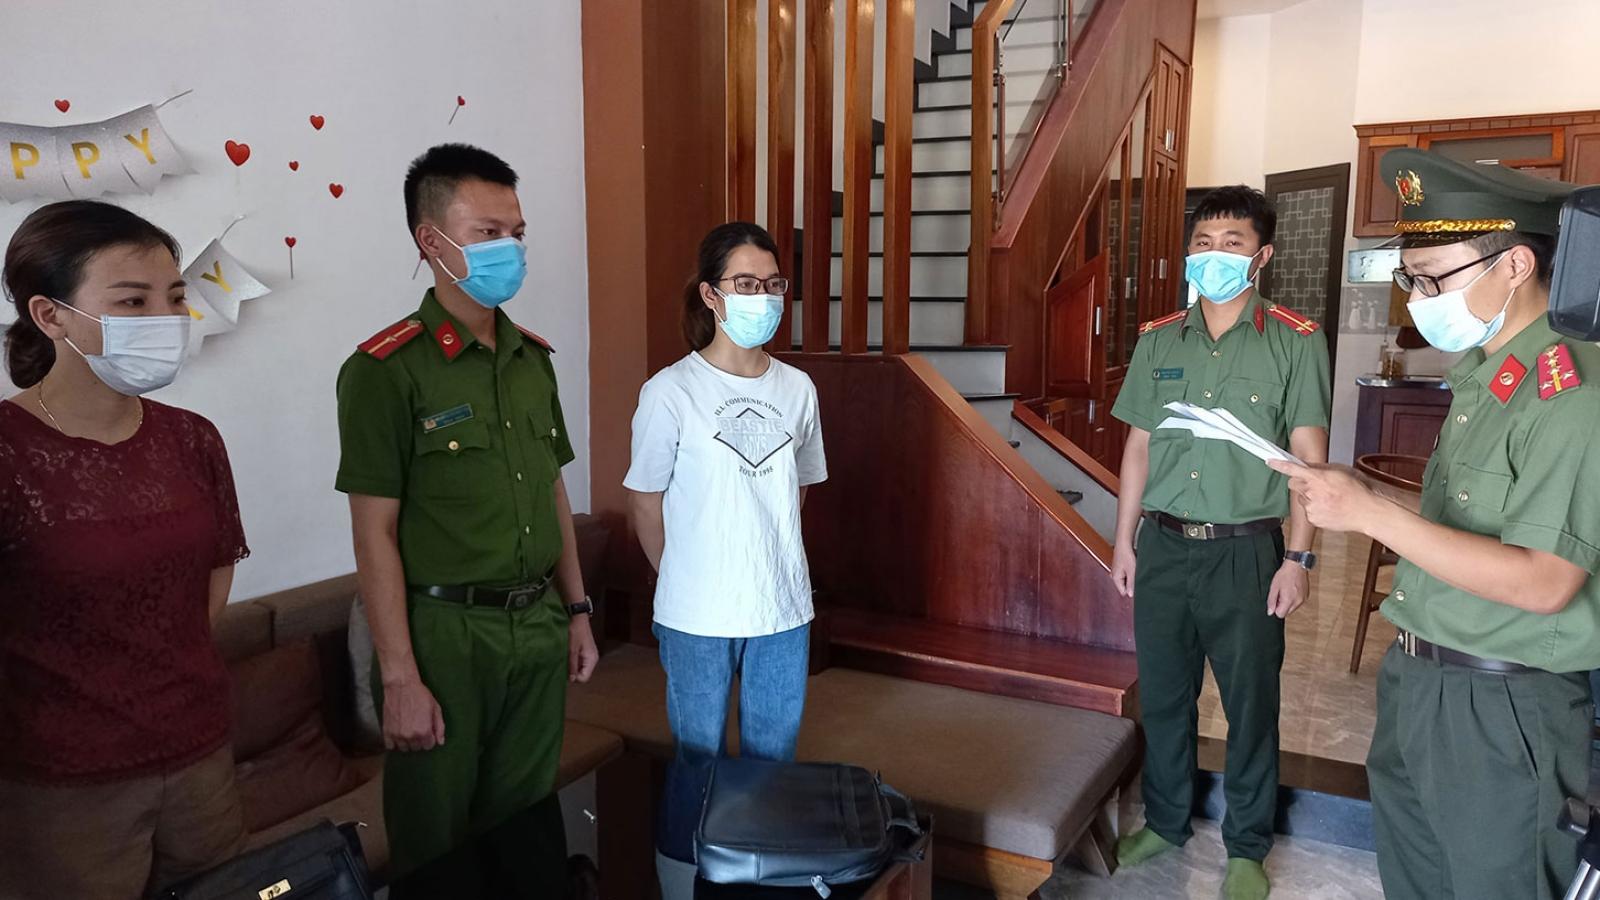 """Nhập cảnh trái pháp dưới dạng """"chuyên gia"""": Khởi tố phiên dịch viên ở Đà Nẵng"""